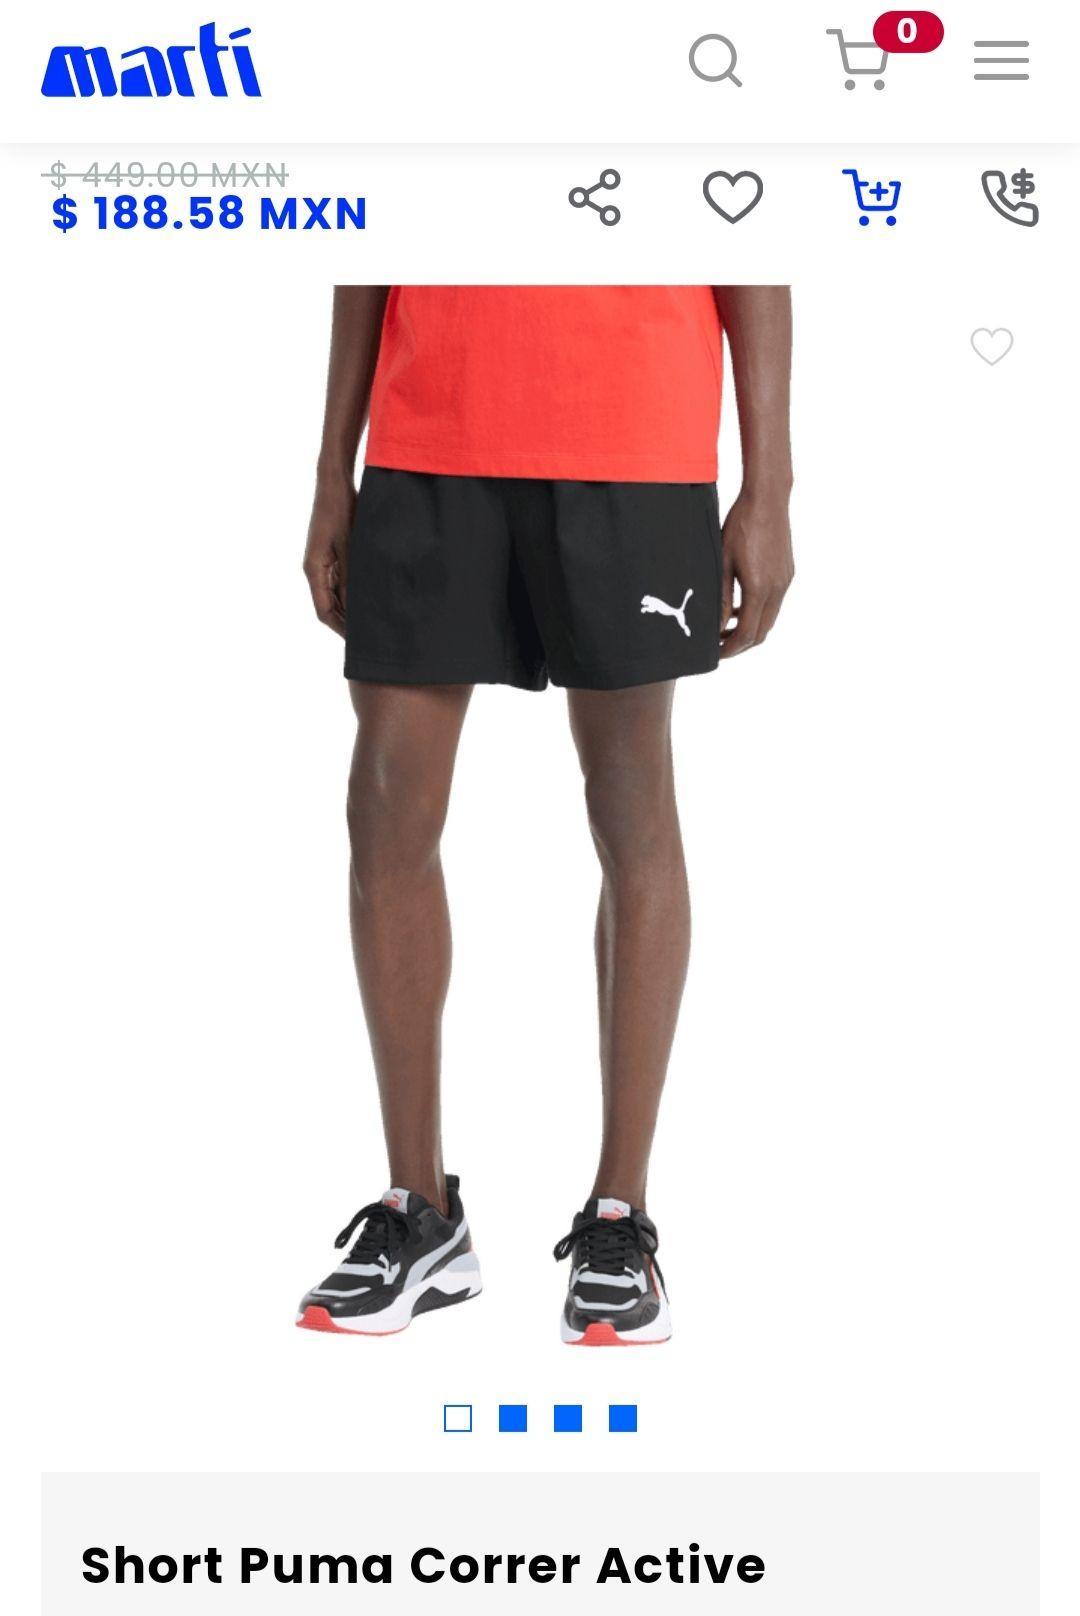 Martí: Shorts Puma Hombre todas las tallas